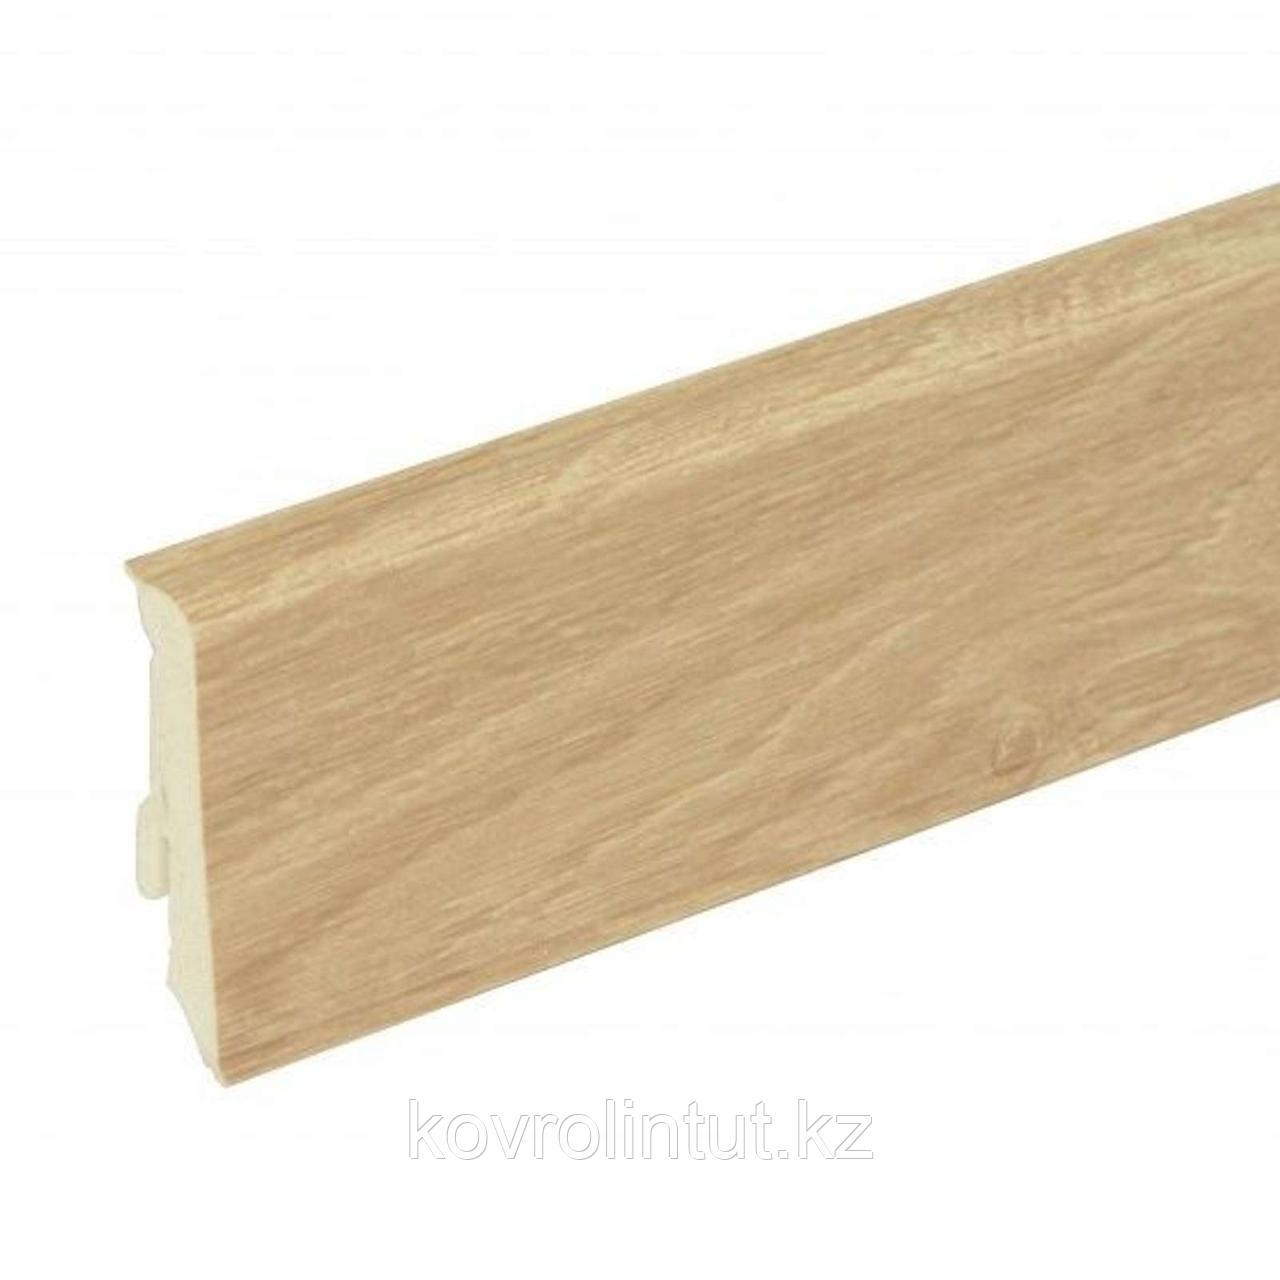 Плинтус композитный для LVT Neuhofer Holz, K0210L, 714919, 2400х59х17 мм